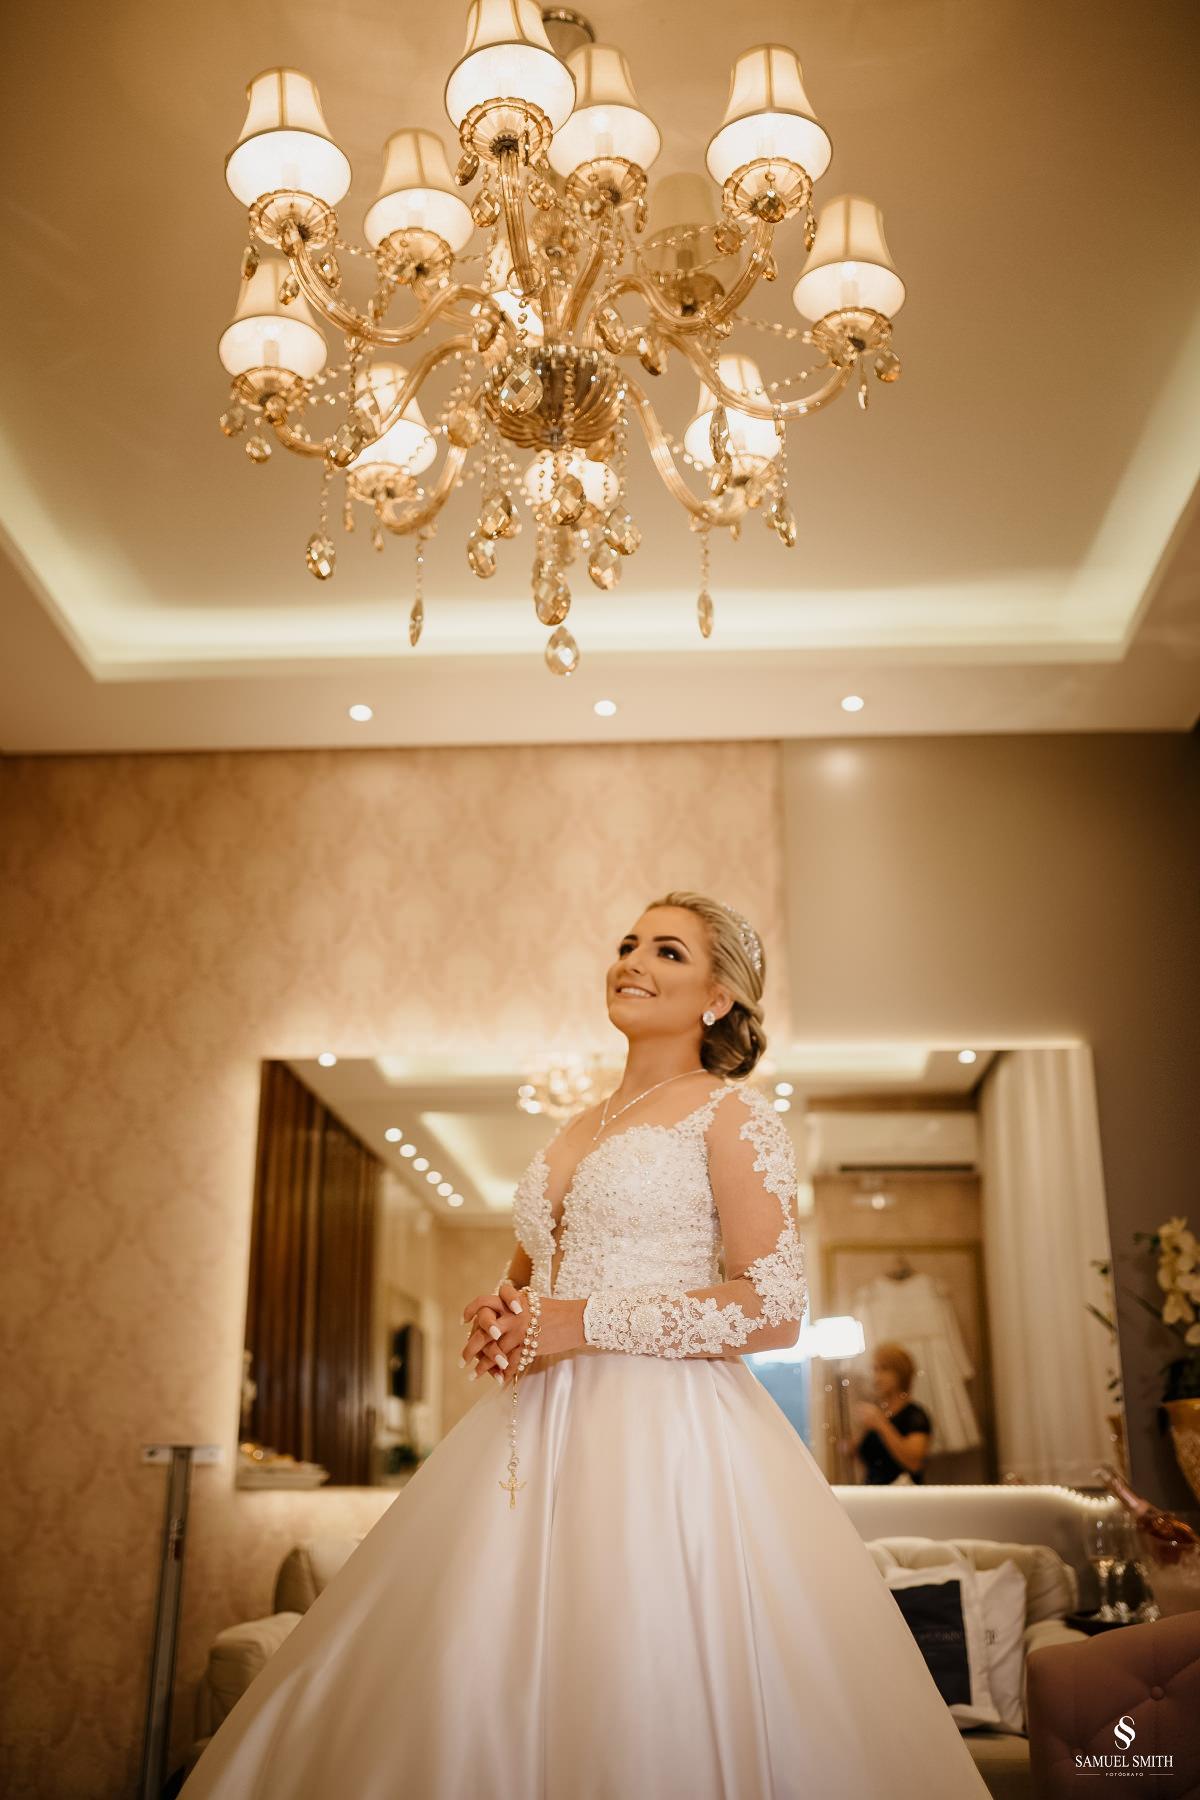 fotógrafo de casamento Laguna SC Samuel Smith (36)